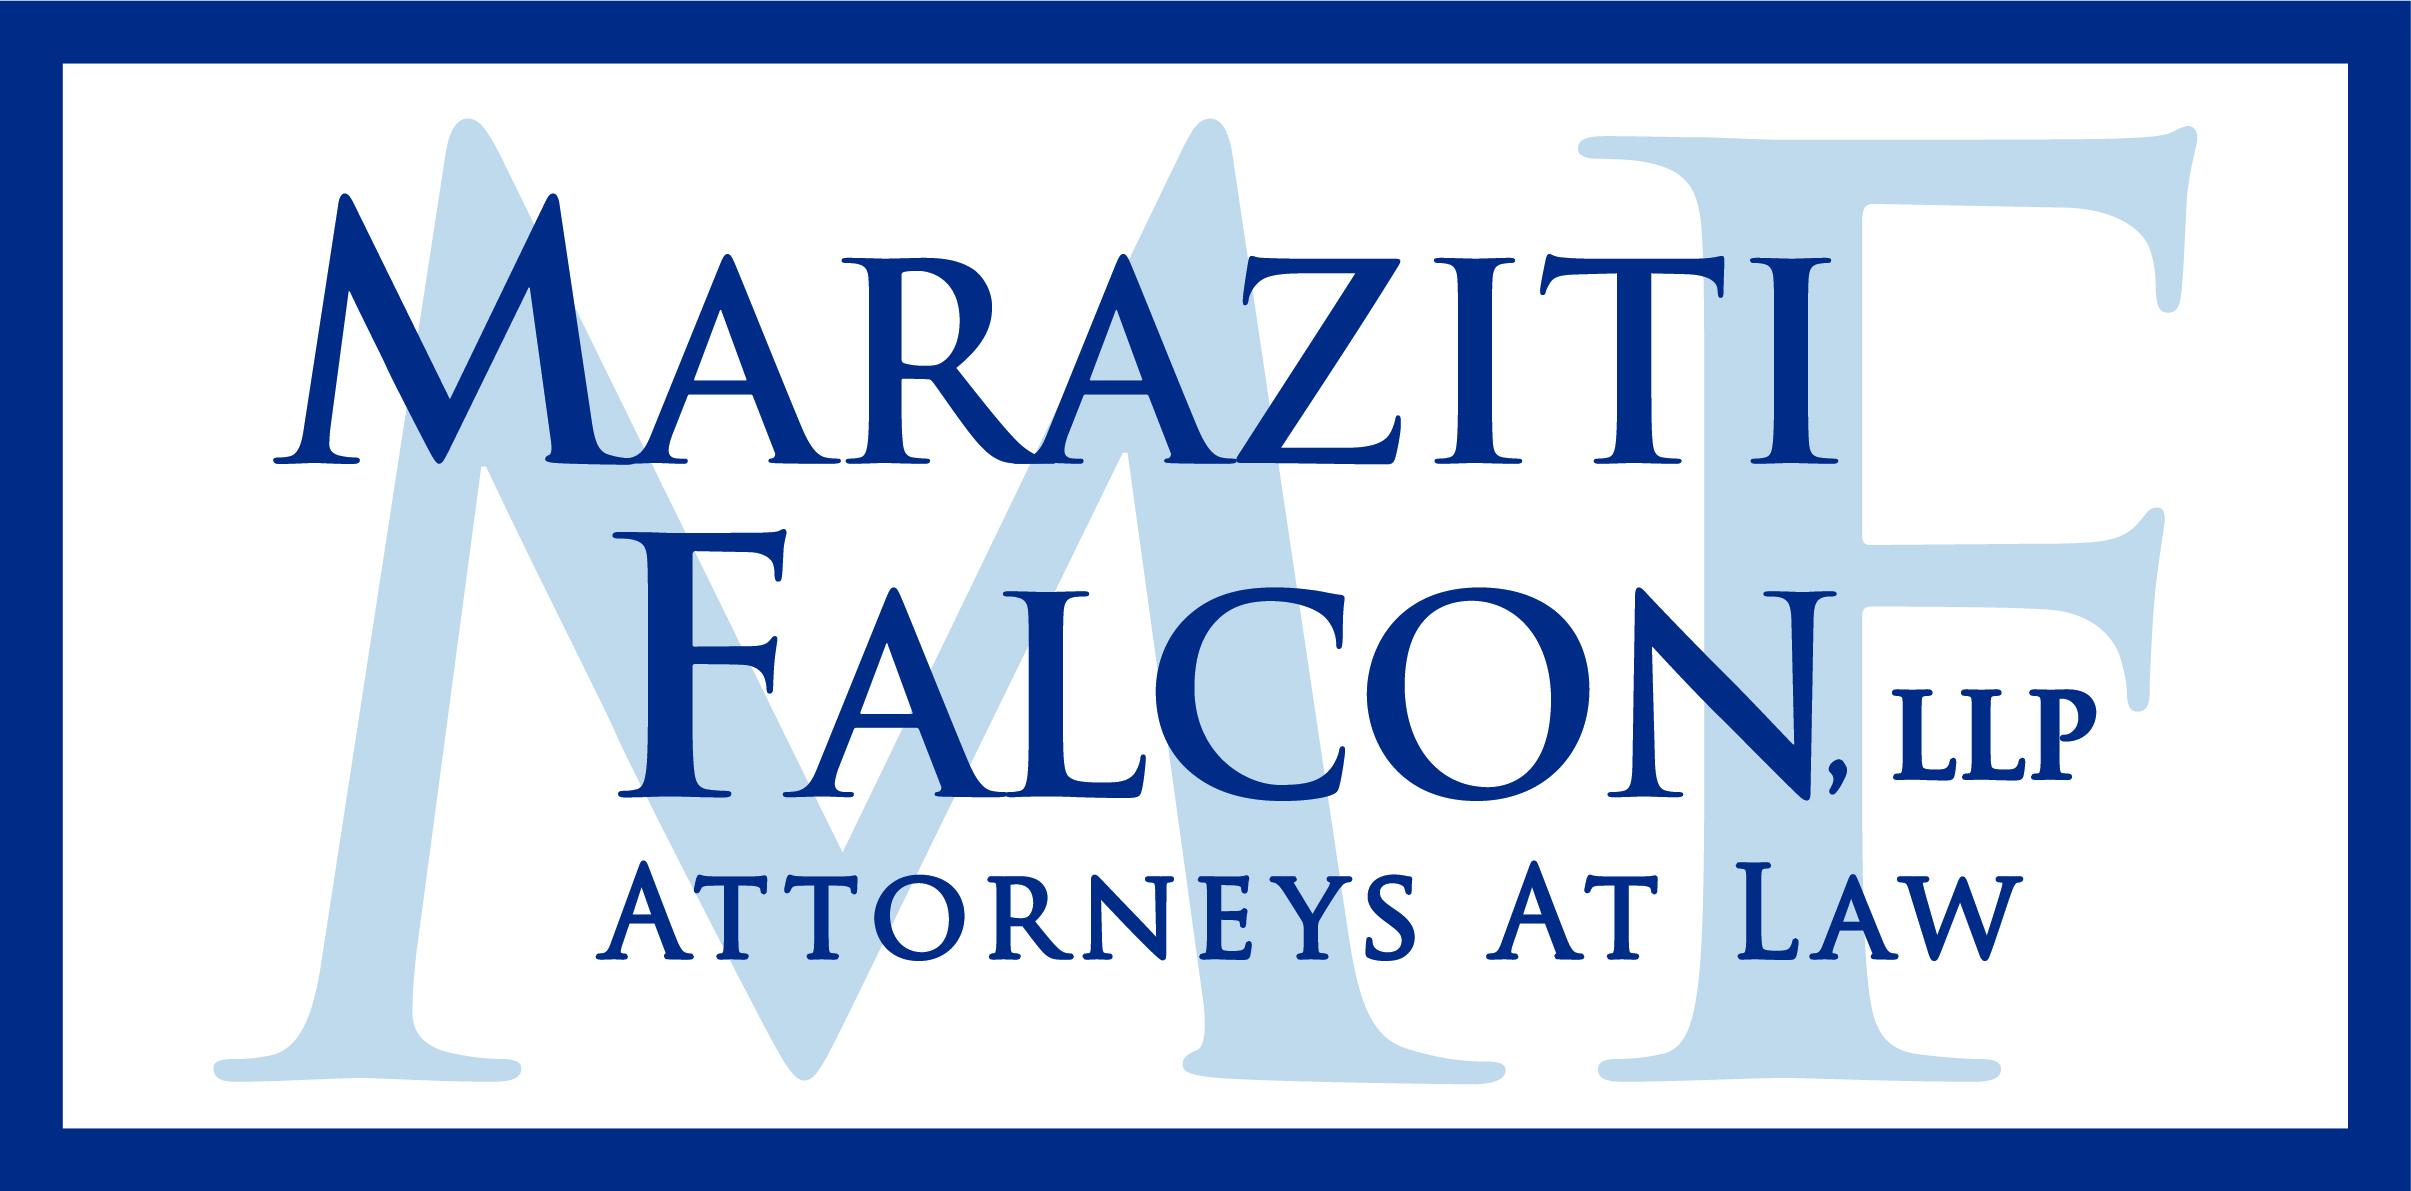 Maraziti Falcon